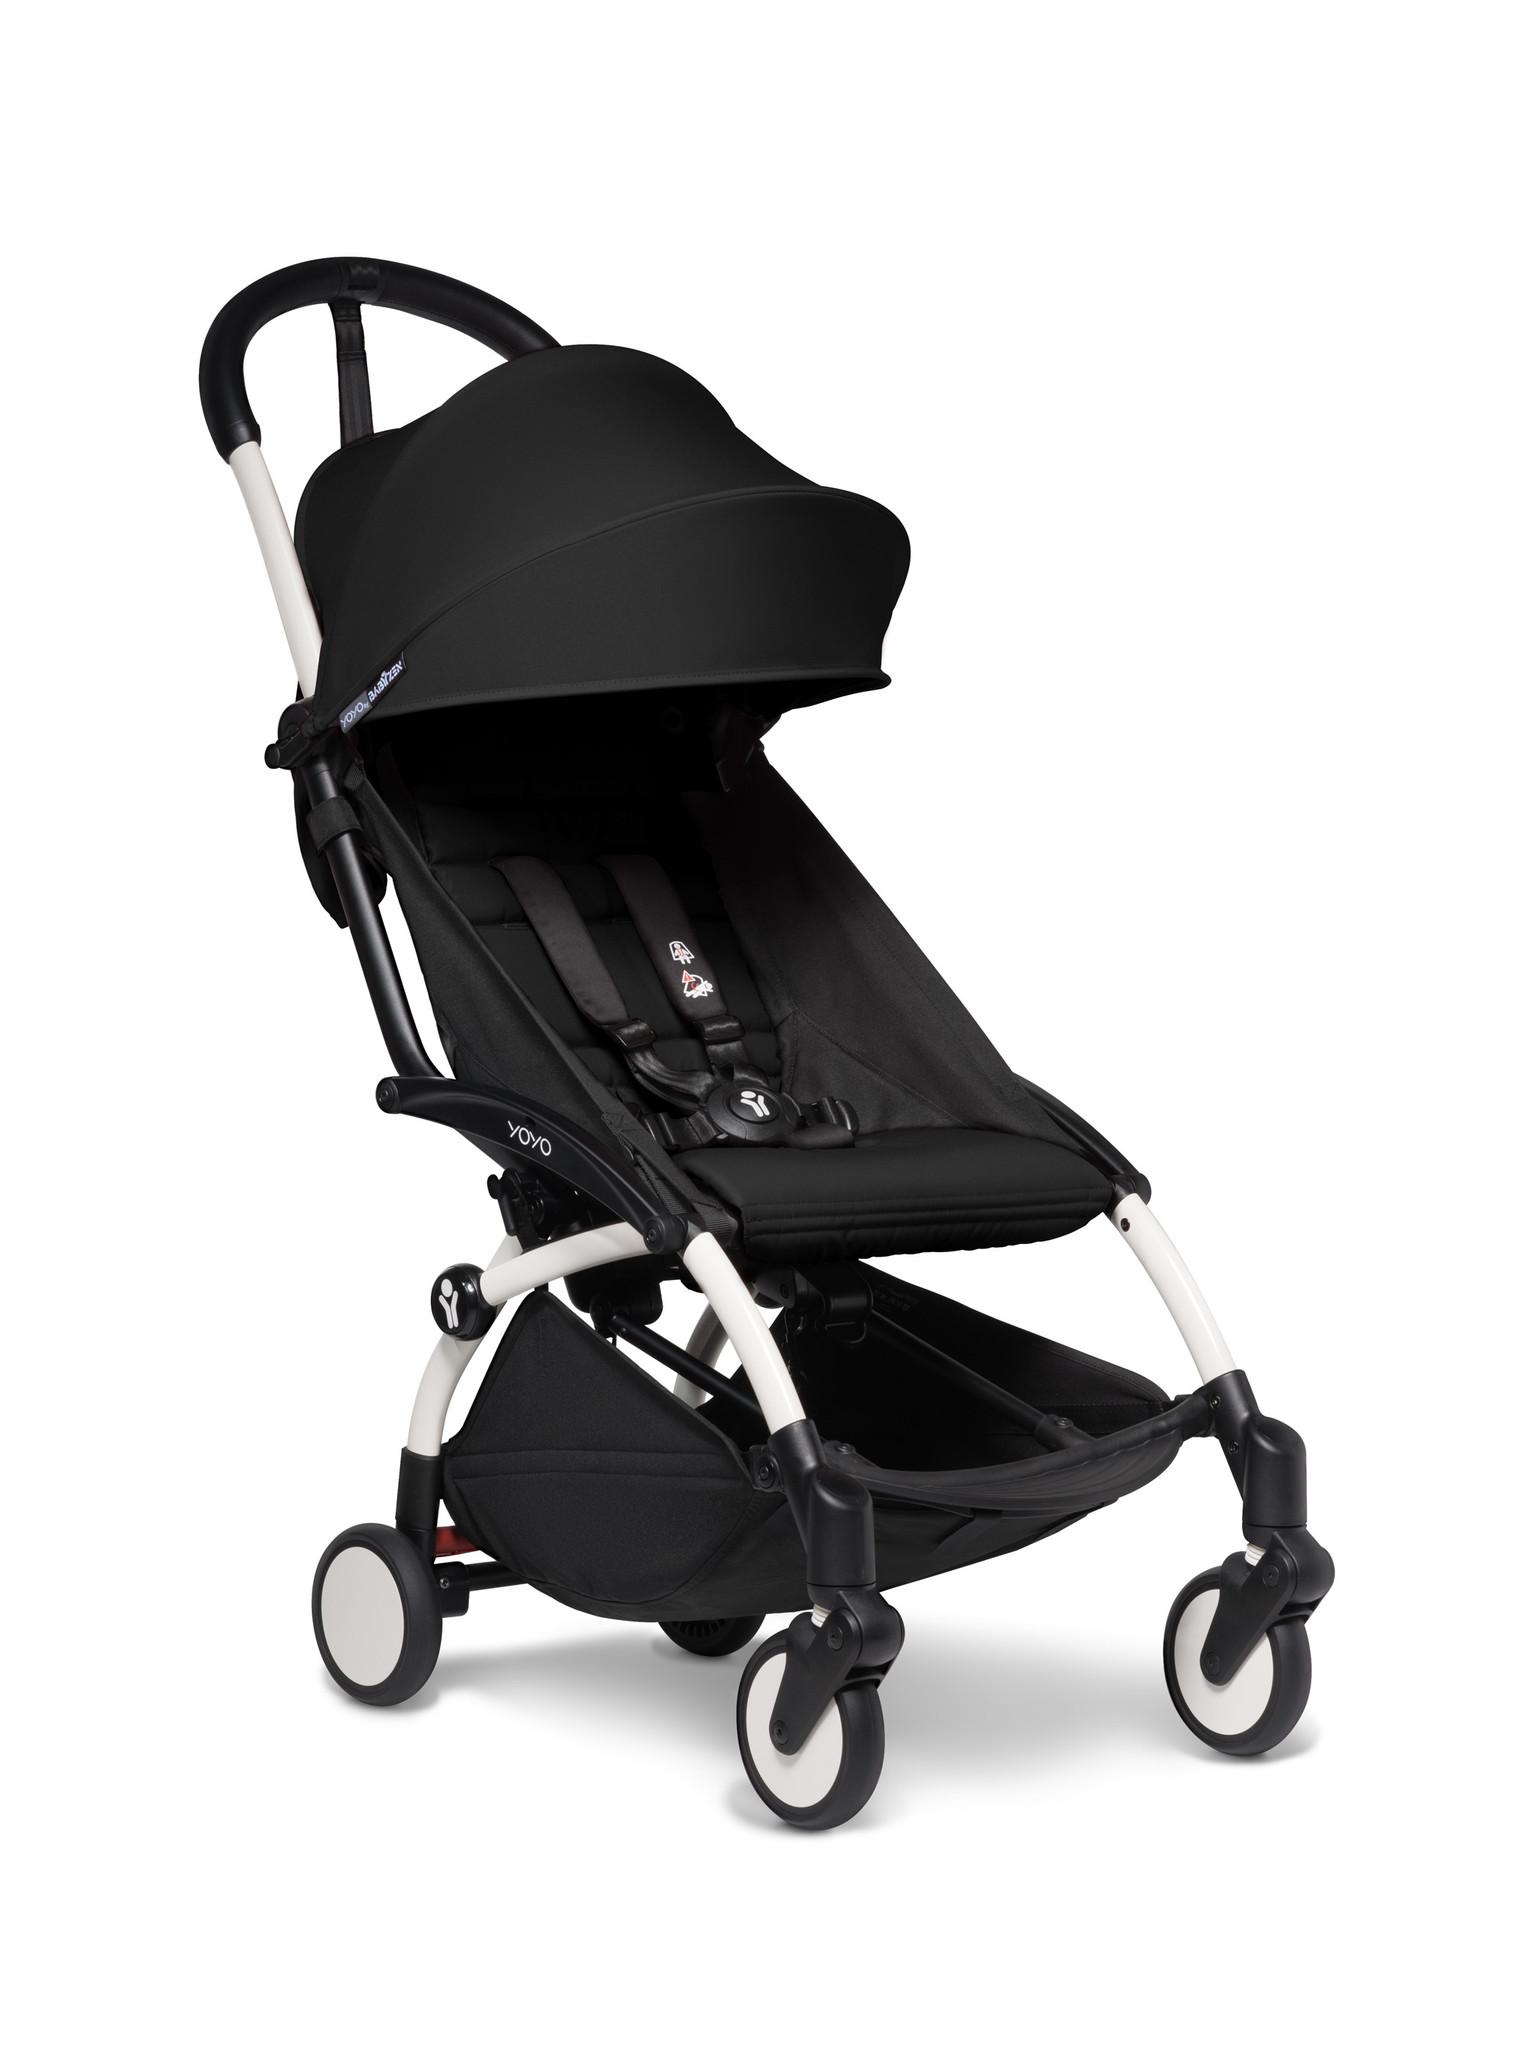 Babyzen Babyzen YOYO² Buggy ab 6 Monaten inklusive Beinstütze - schwarz mit weißem Rahmen